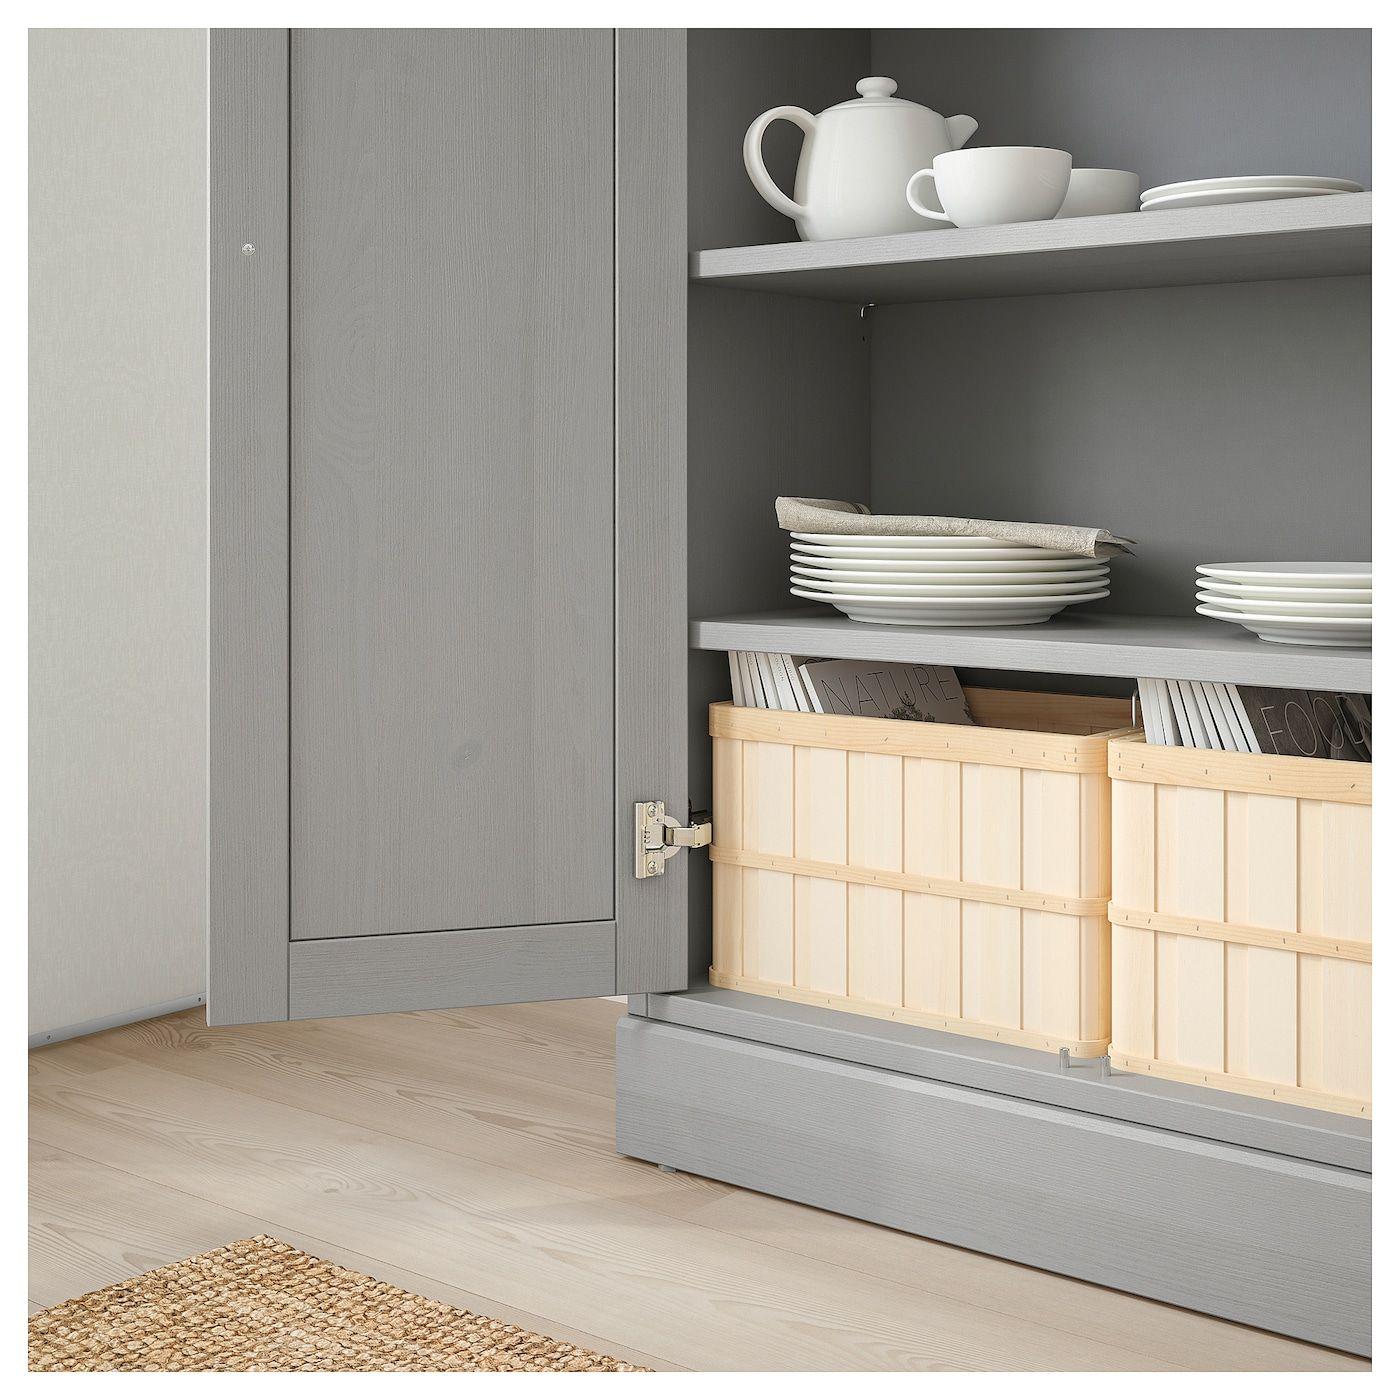 Havsta Schrank Mit Sockel Grau Skandinavisches Design Schrank